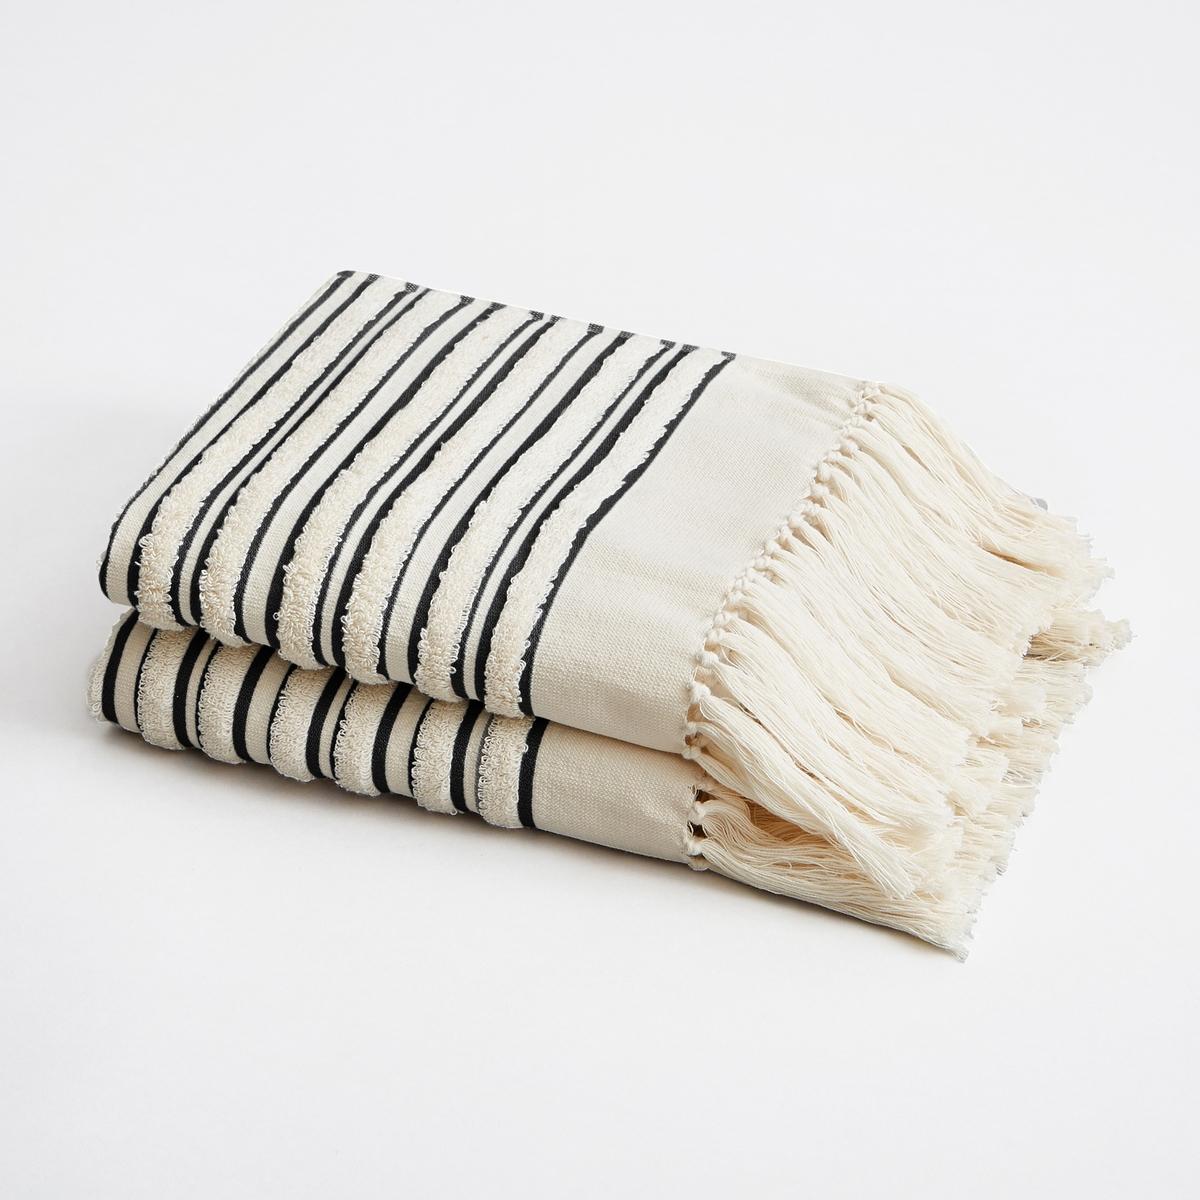 Полотенце  Kupigwa By V. Barkowski (x2)Материал :- Махровая ткань букле из 100% хлопка, 580 г/м?.- Горизонтальные полосы из окрашенной ткани .Отделка :- Отделка бахромой с узелками.Уход: :- Машинная стирка при 40 °С.Размеры : - 50 x 100 см<br><br>Цвет: серый,черный,ягодный потертый<br>Размер: комплект из 2.комплект из 2